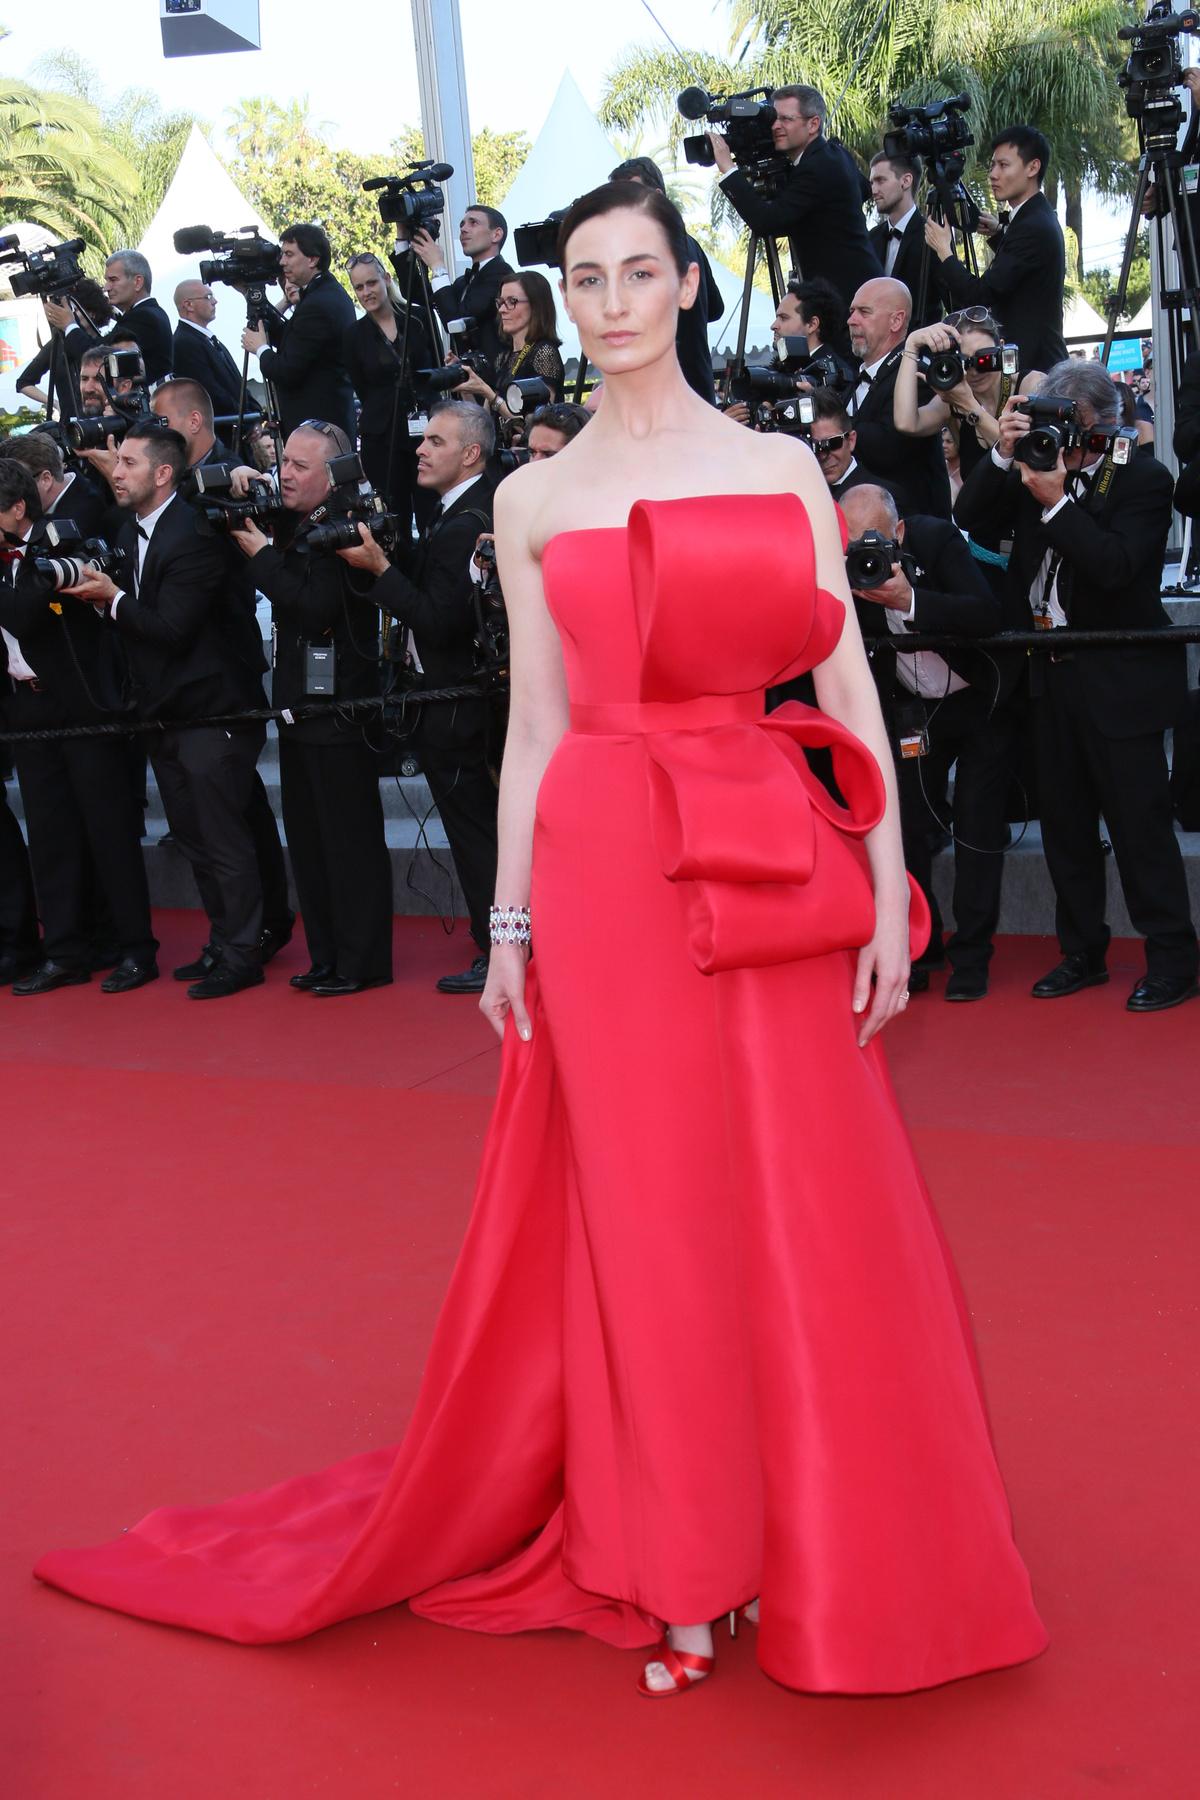 Zoe Kravitz is egy ilyen istennős Valentino ruhában jelent meg az új Mad Max film cannes-i premierjén 2015 májusában.